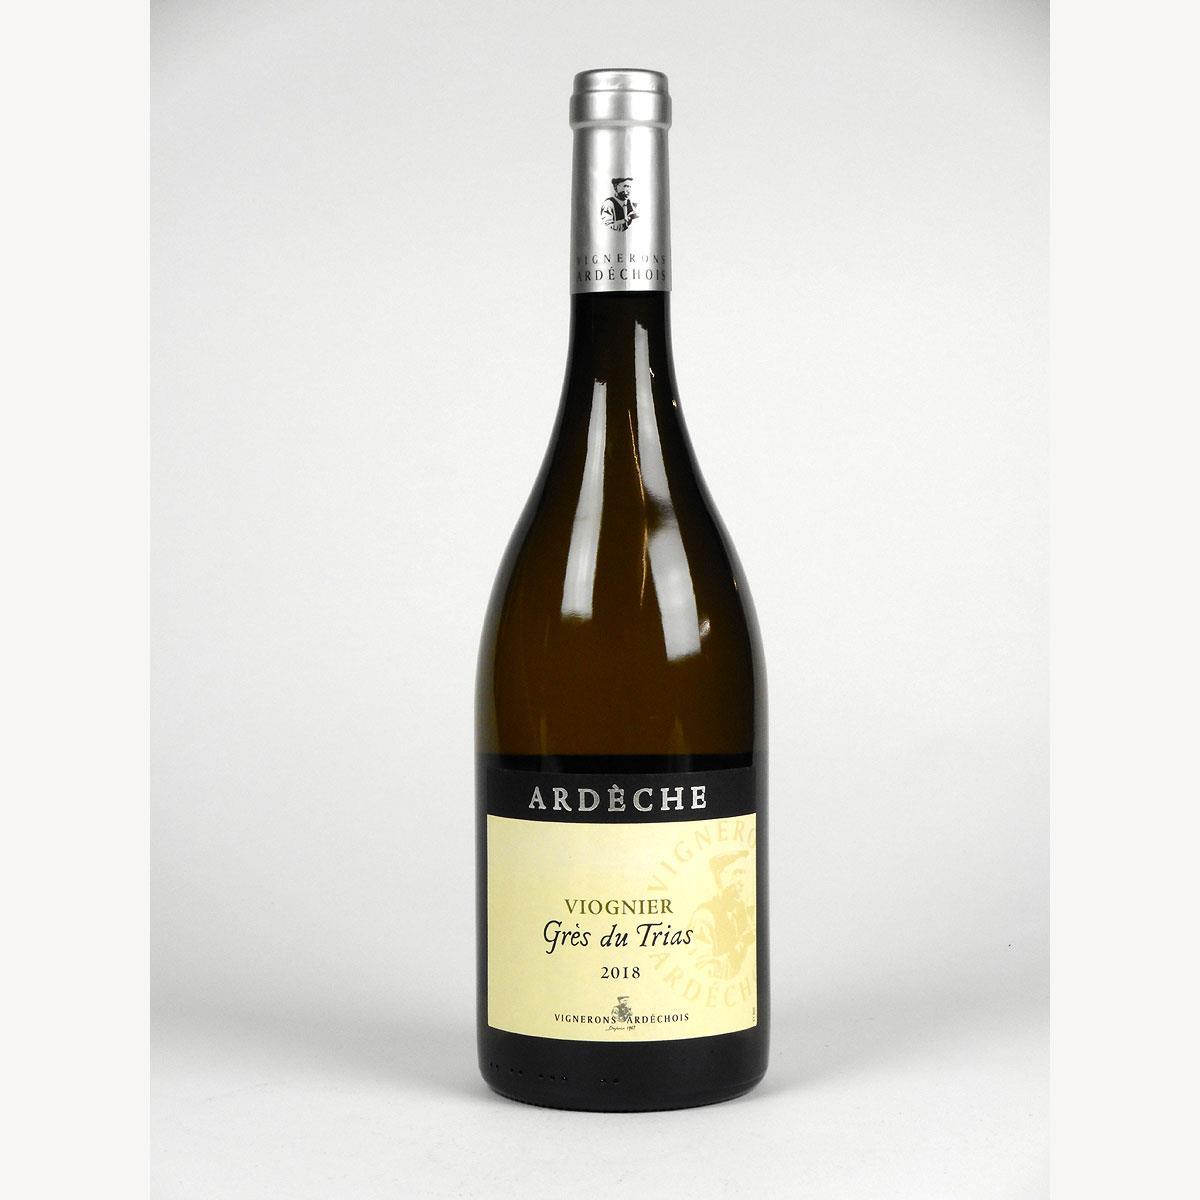 Coteaux de l'Ardèche: Cépage Viognier 'Grès du Trias' 2018 - Bottle